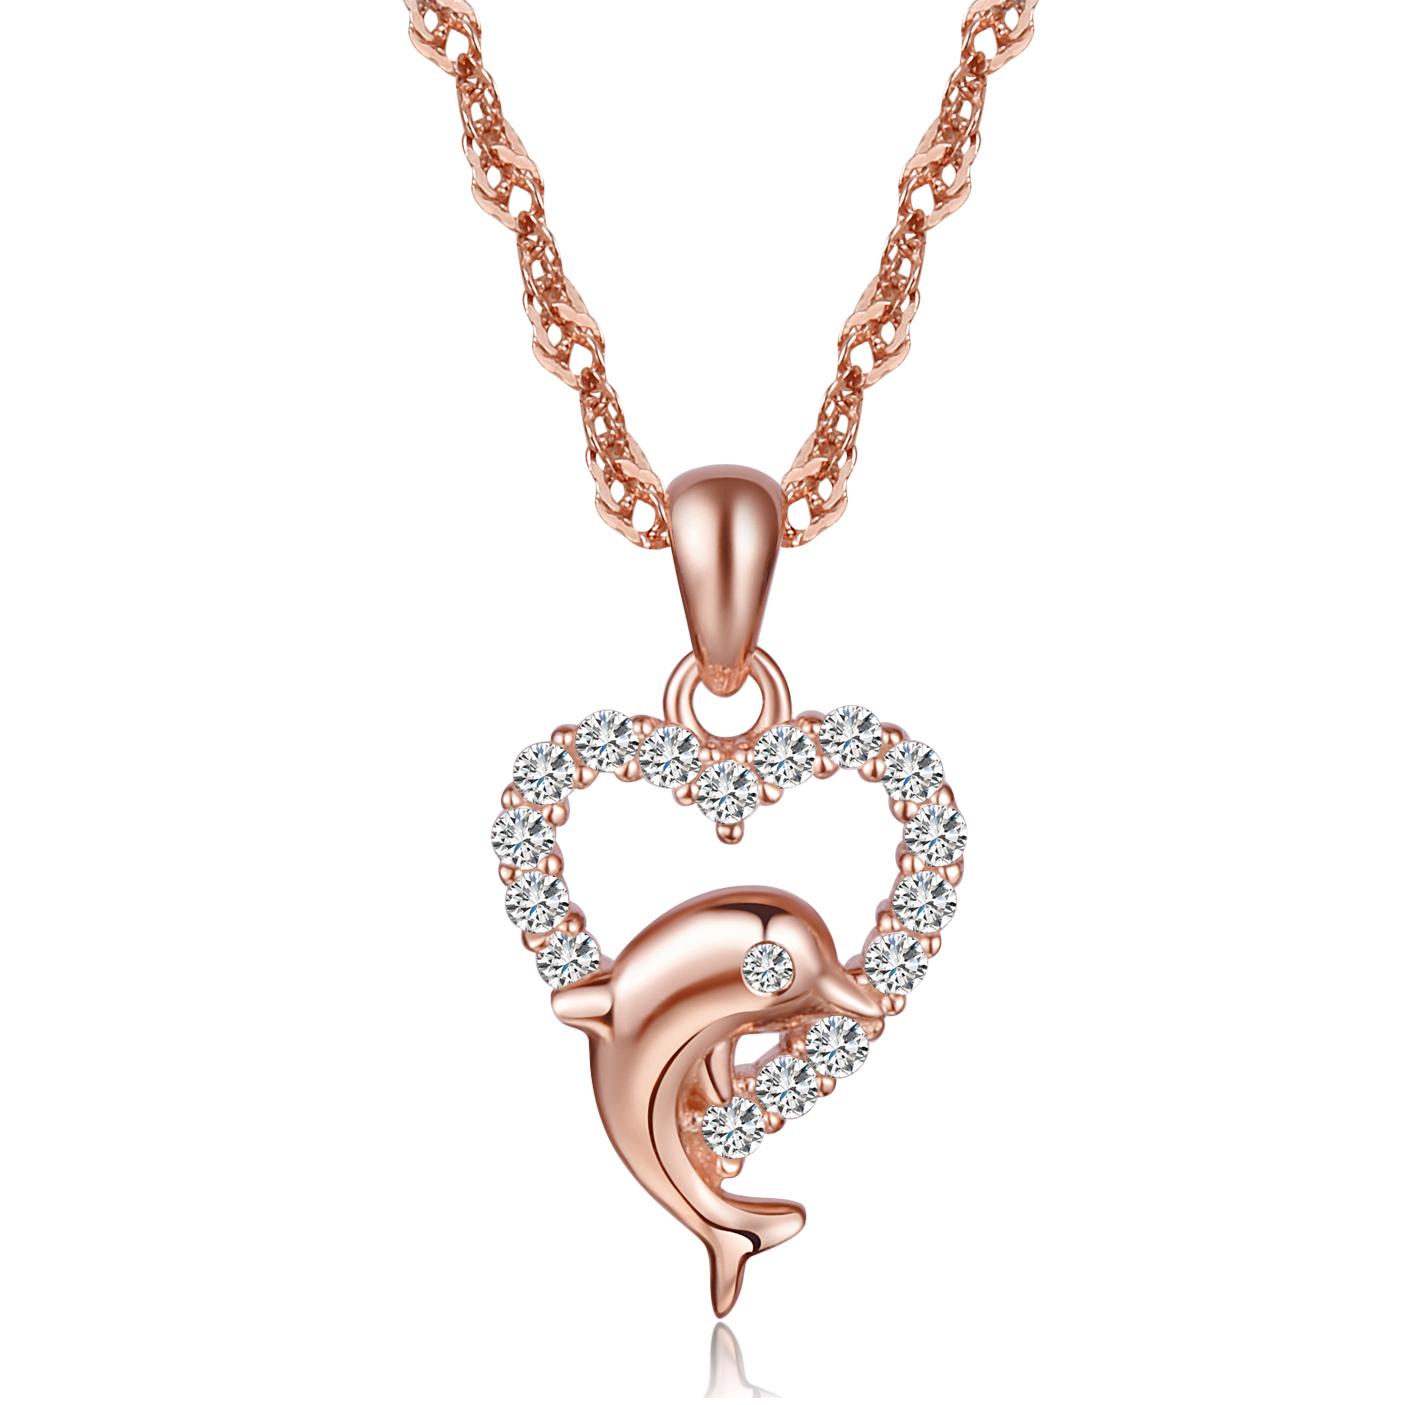 Damen 925 Silber als Herz Delfin mit Zirkonia Anhänger Silberanhänger